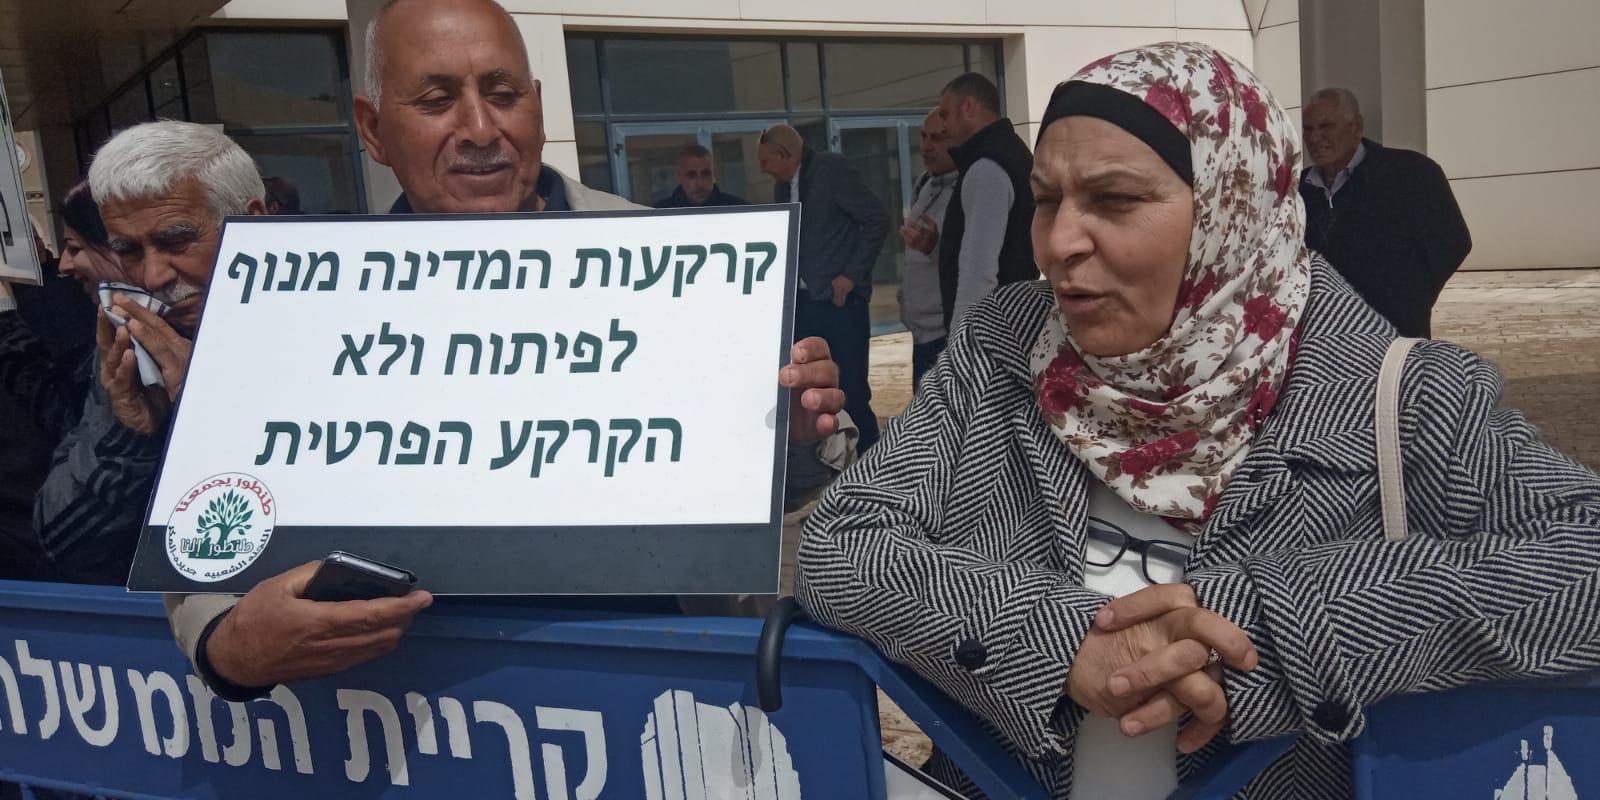 وقفة احتجاجية على مخطط طنطور أمام مكاتب الإسكان بحيفا